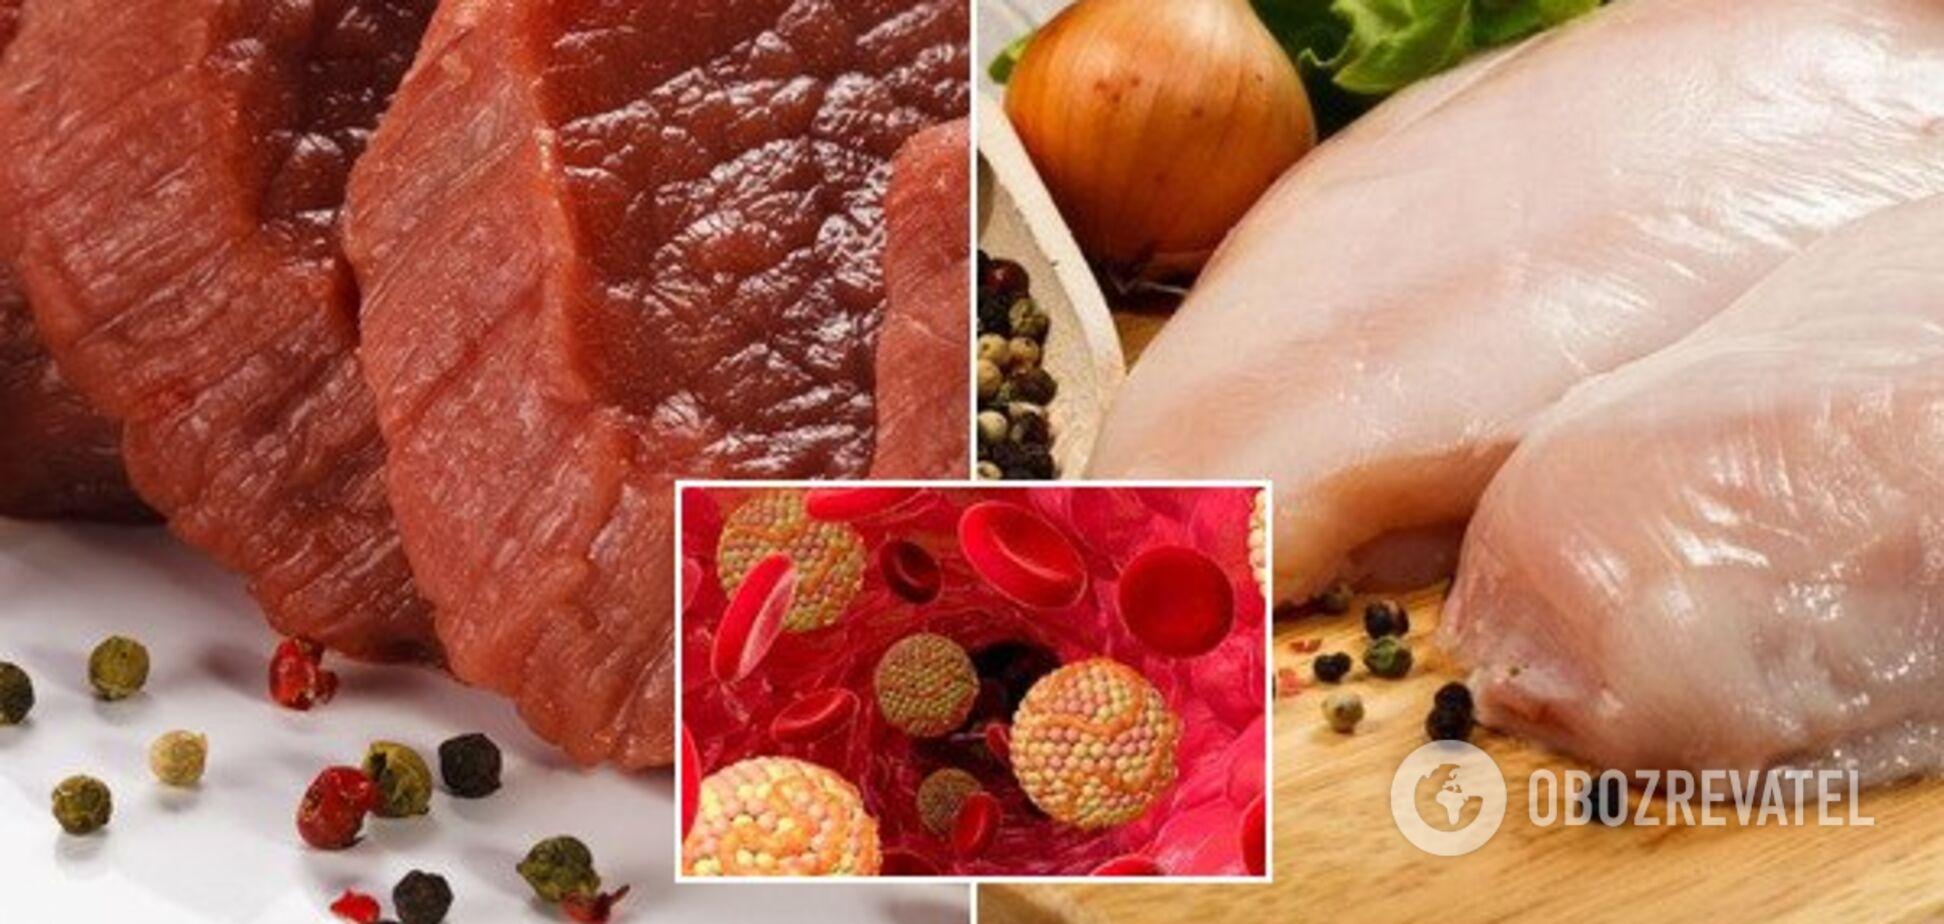 Відомий дієтичний продукт визнали небезпечним для серця